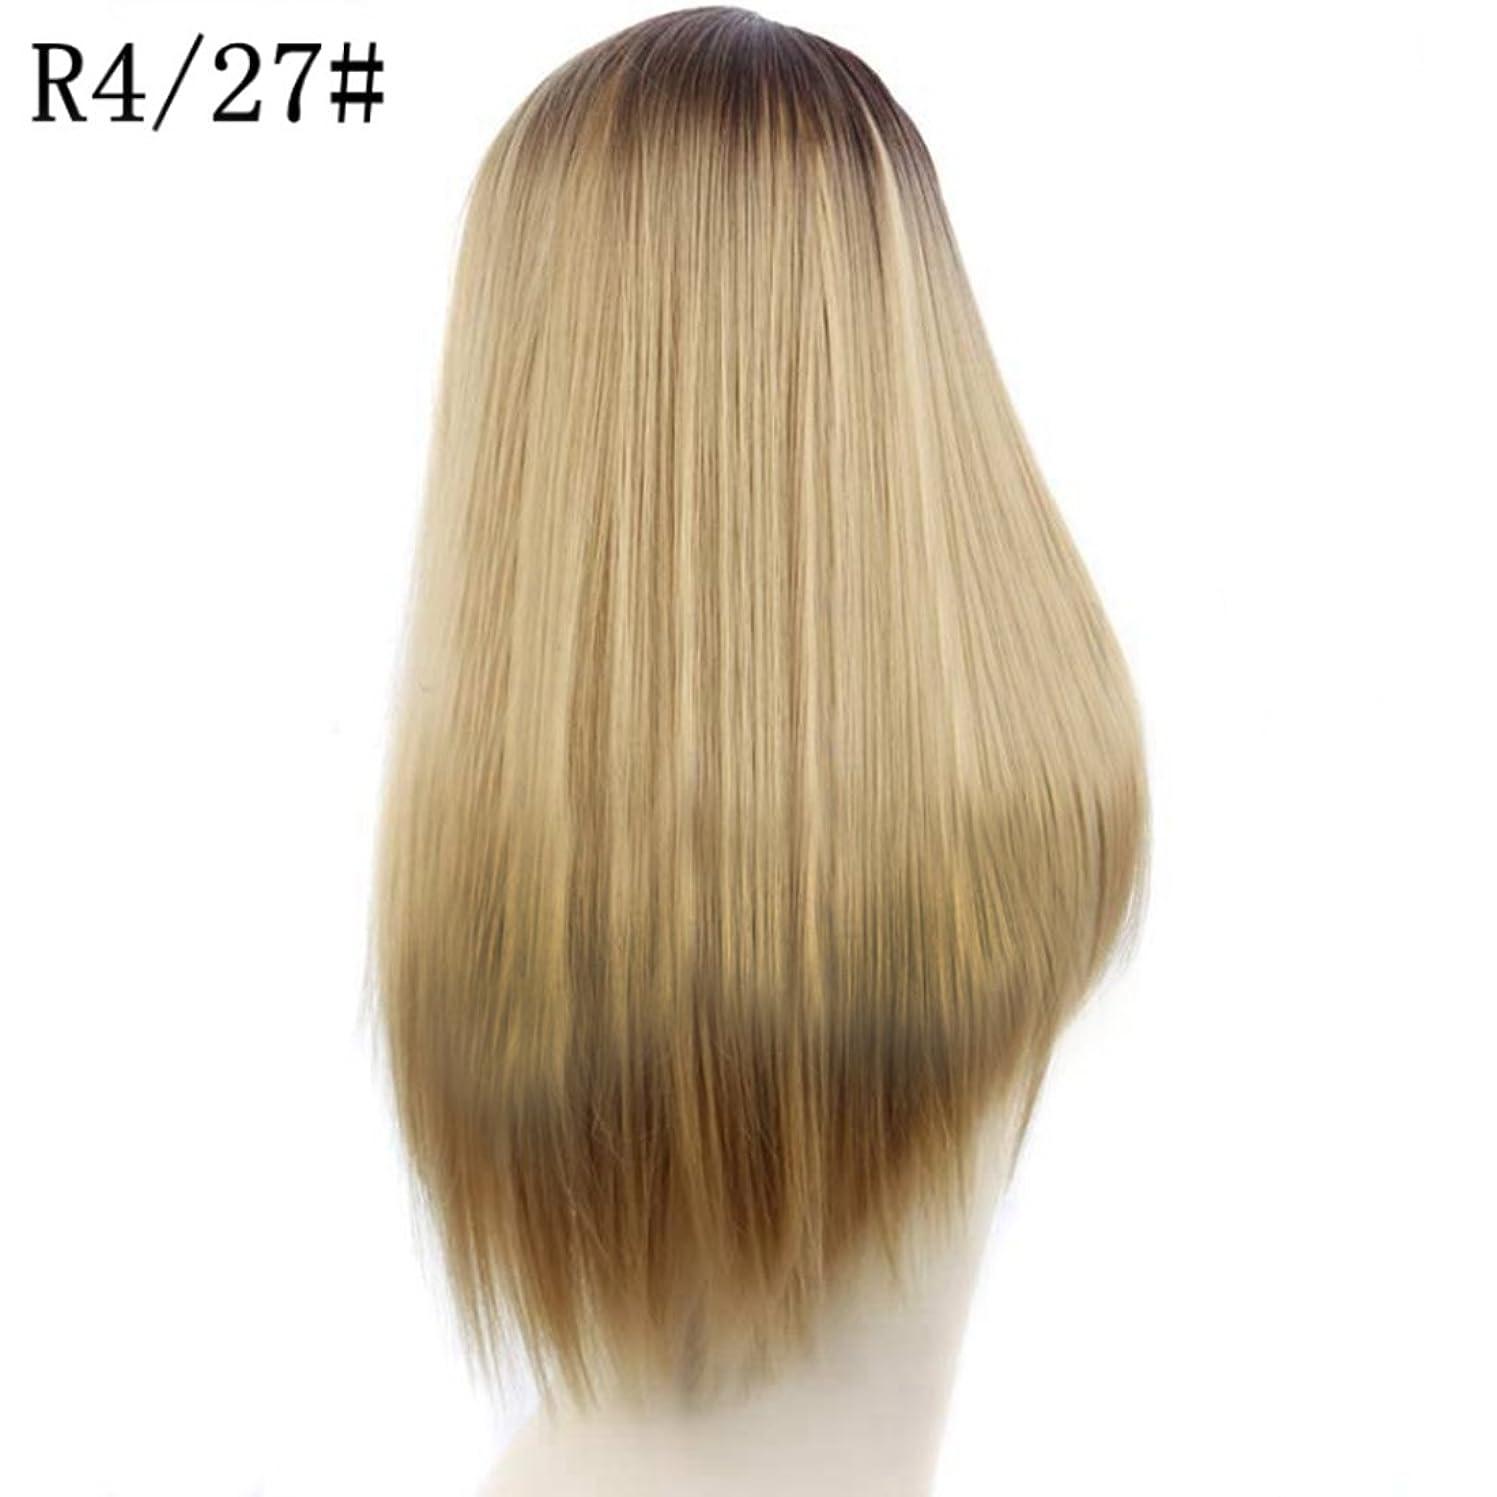 レイアウトファンブル製品Koloeplf 女性のための高温ウィッグフラットバンズウィッグの長いストレートヘア26inchの長さの自然な色のグラデーション (Color : R4/27#)